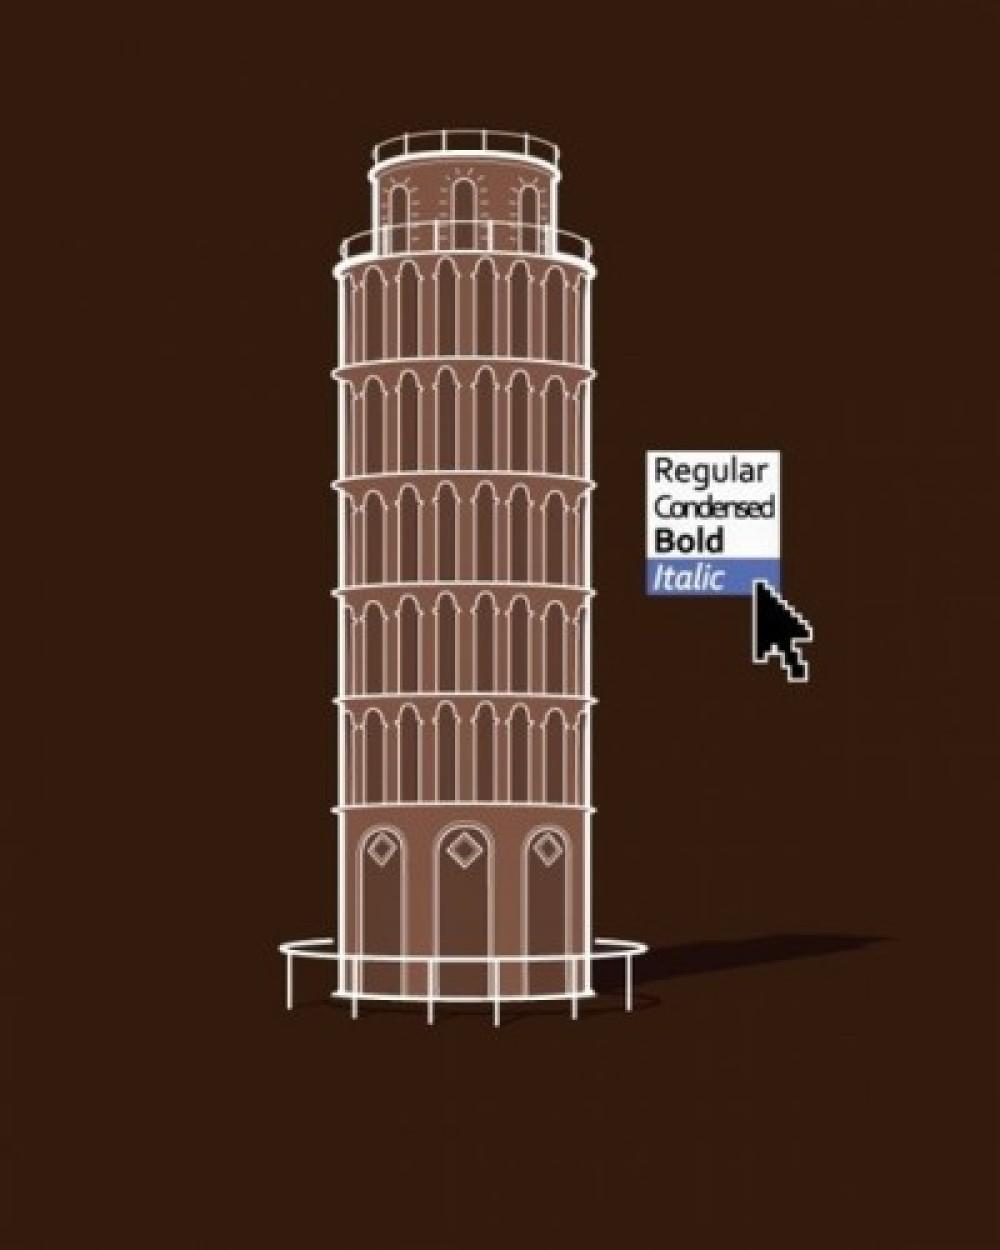 Πως έγειρε ο Πύργος της Πίζας;